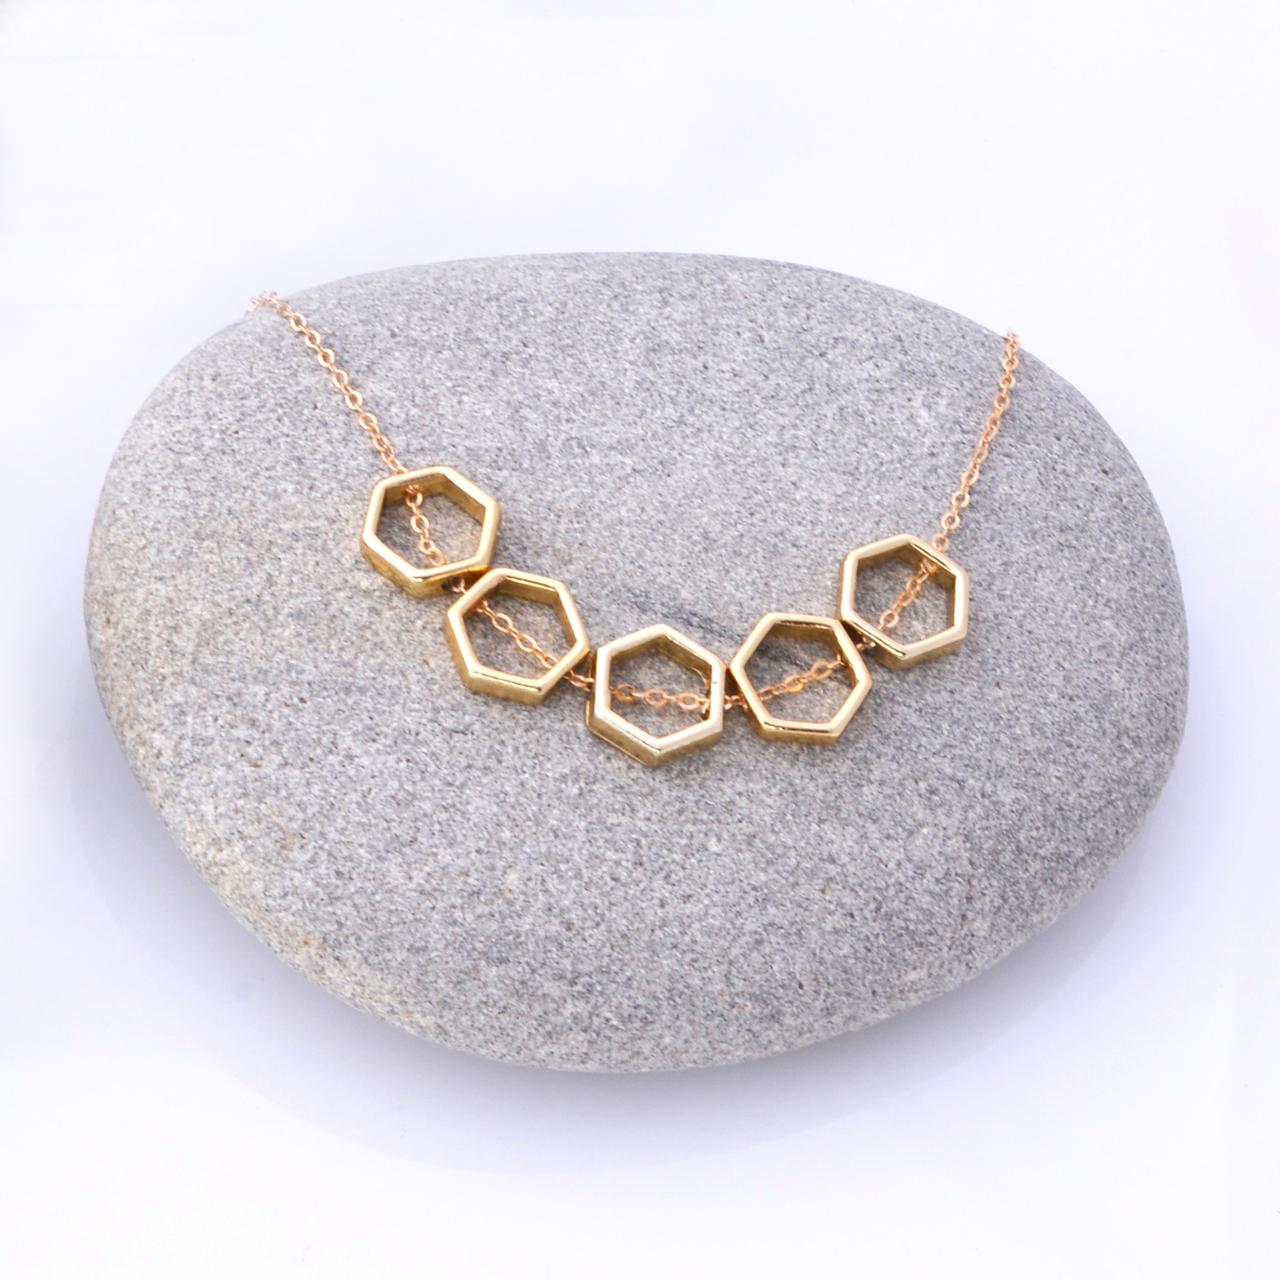 Mon Bijou necklace Golden Hexagon 5 | The Design Gift Shop